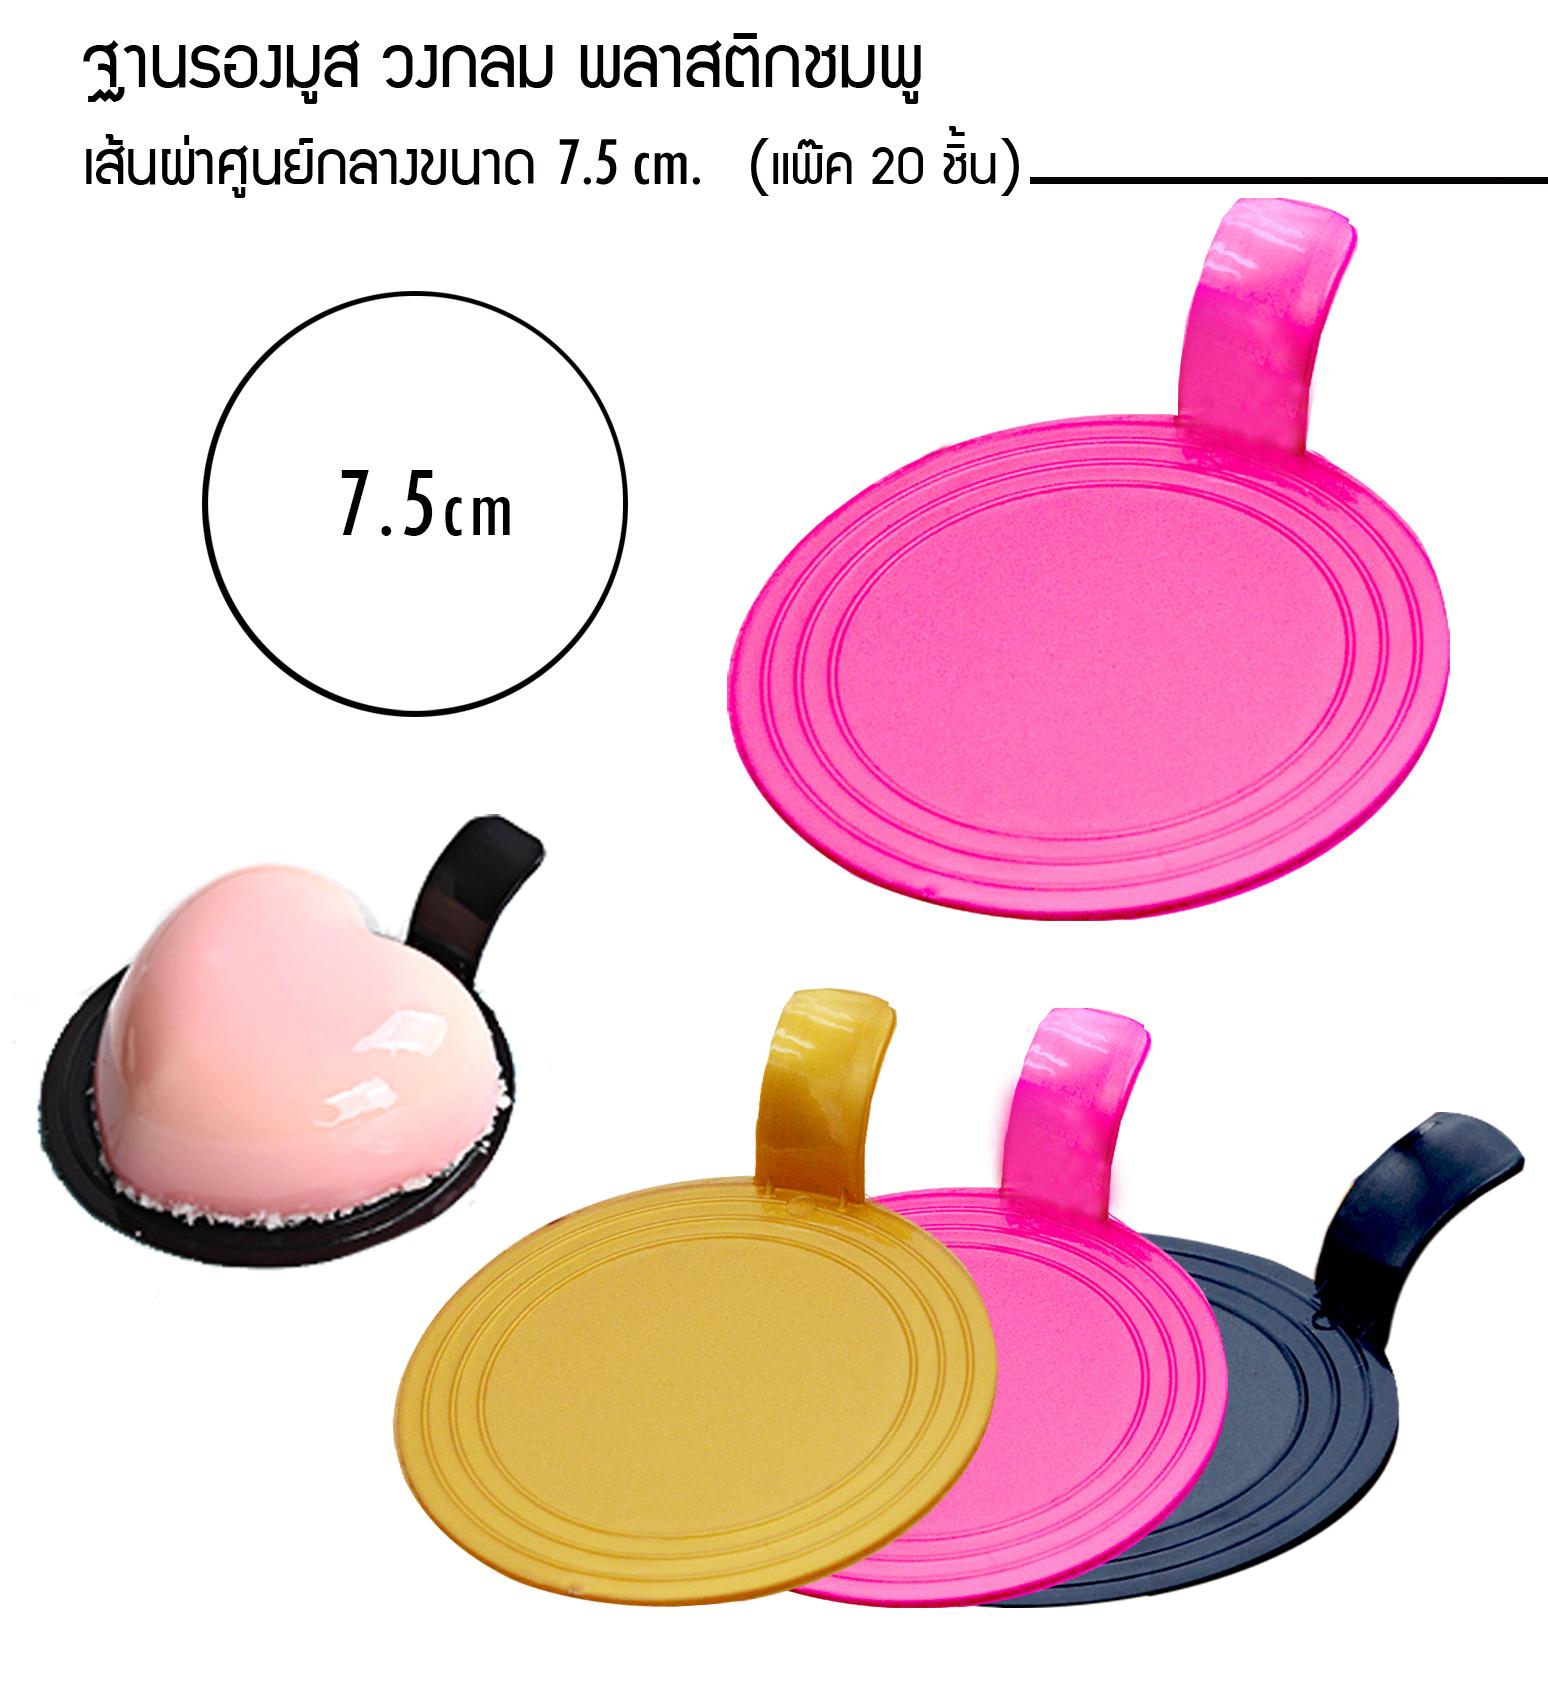 ฐานรองมูส กลม พลาสติกสีชมพู แพ๊ค20 ชิ้น (7.5 cm.)